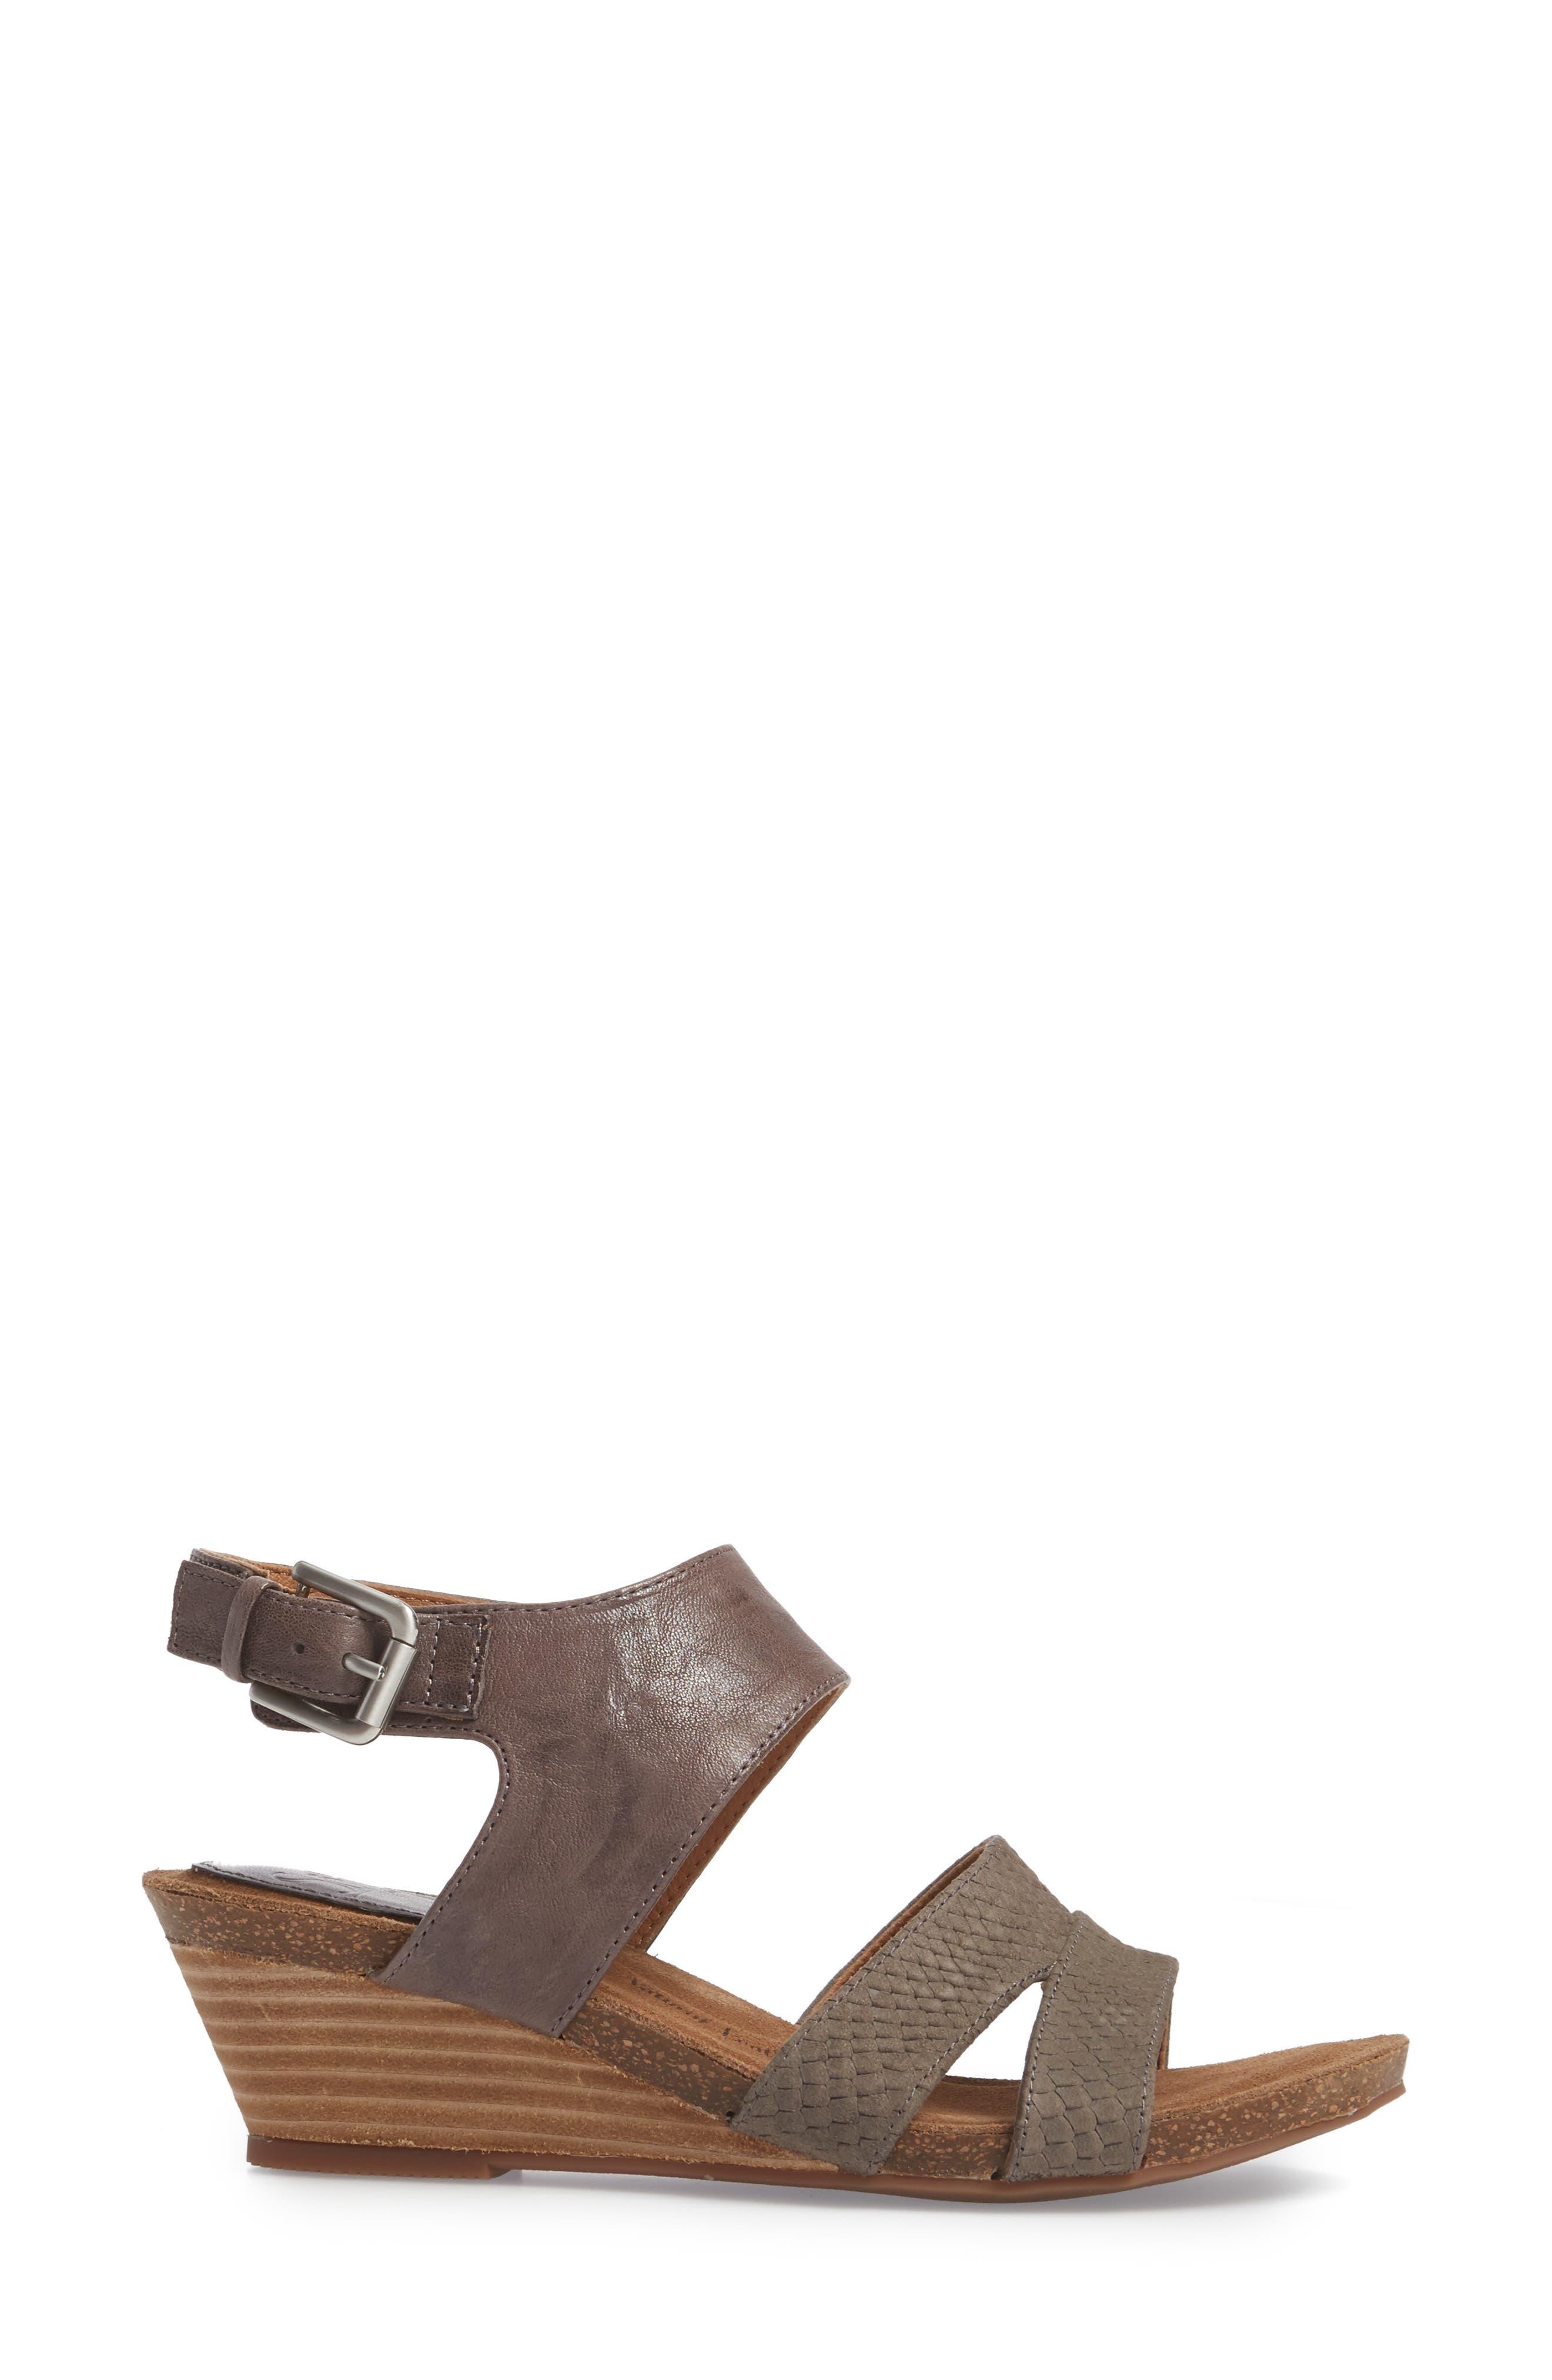 Velden Wedge Sandal,                             Alternate thumbnail 8, color,